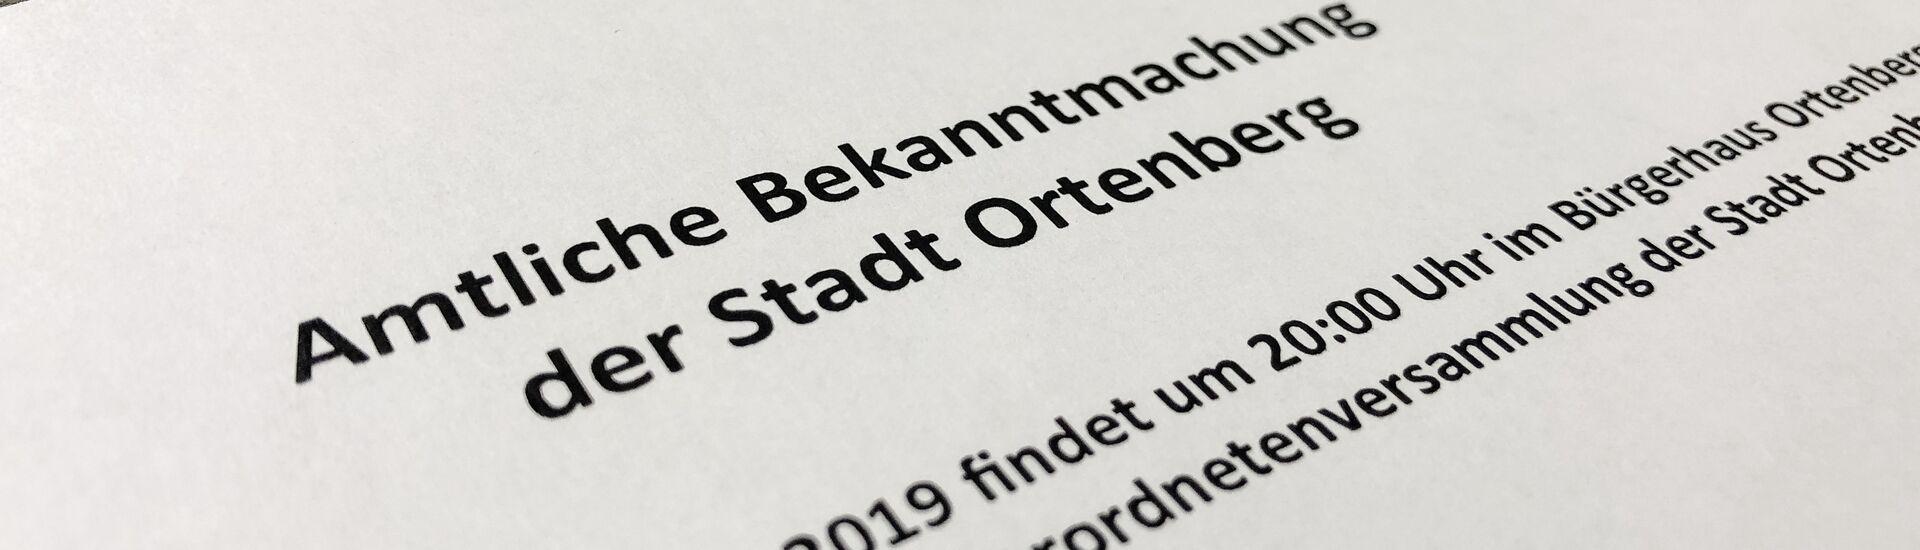 Amtliche Bekanntmachungen der Stadt Ortenberg